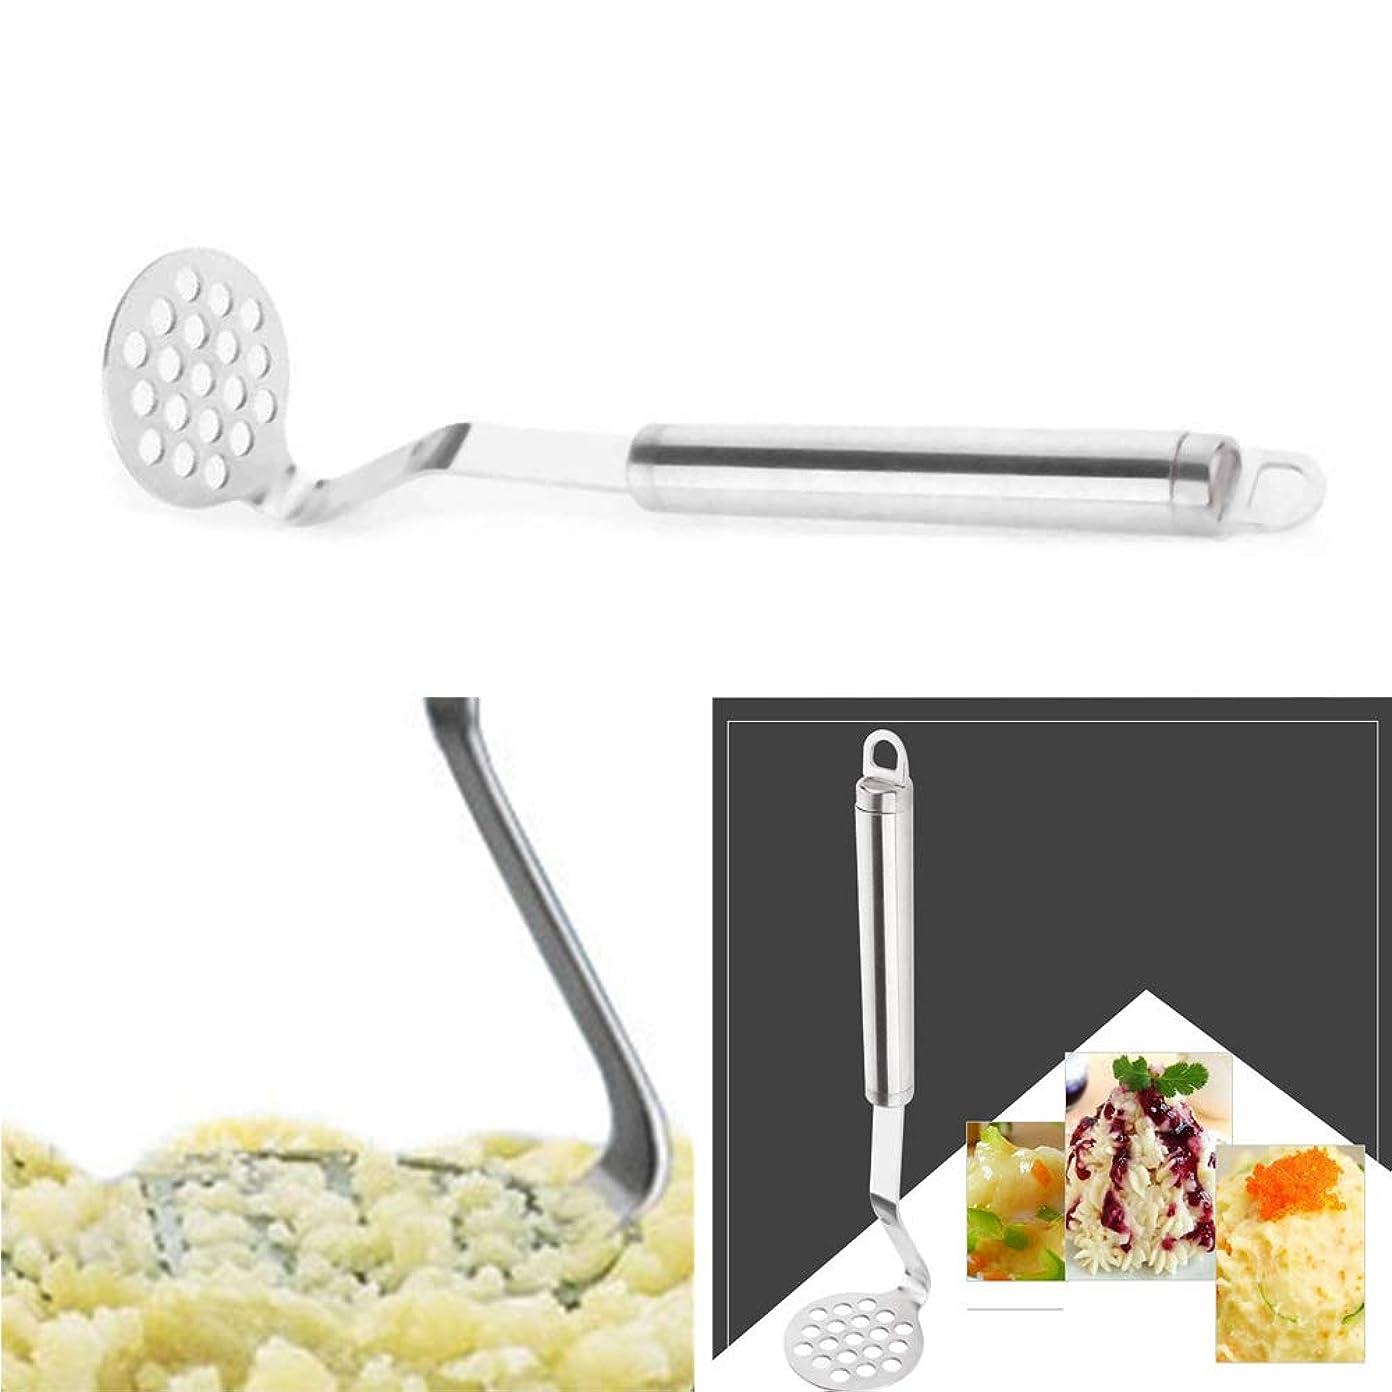 維持アナログうそつきxiaoxiaoguo 1ピースステンレス鋼ポテトマッシャーガーリックプレス野菜フルーツプレスガジェットキッチンアクセサリー